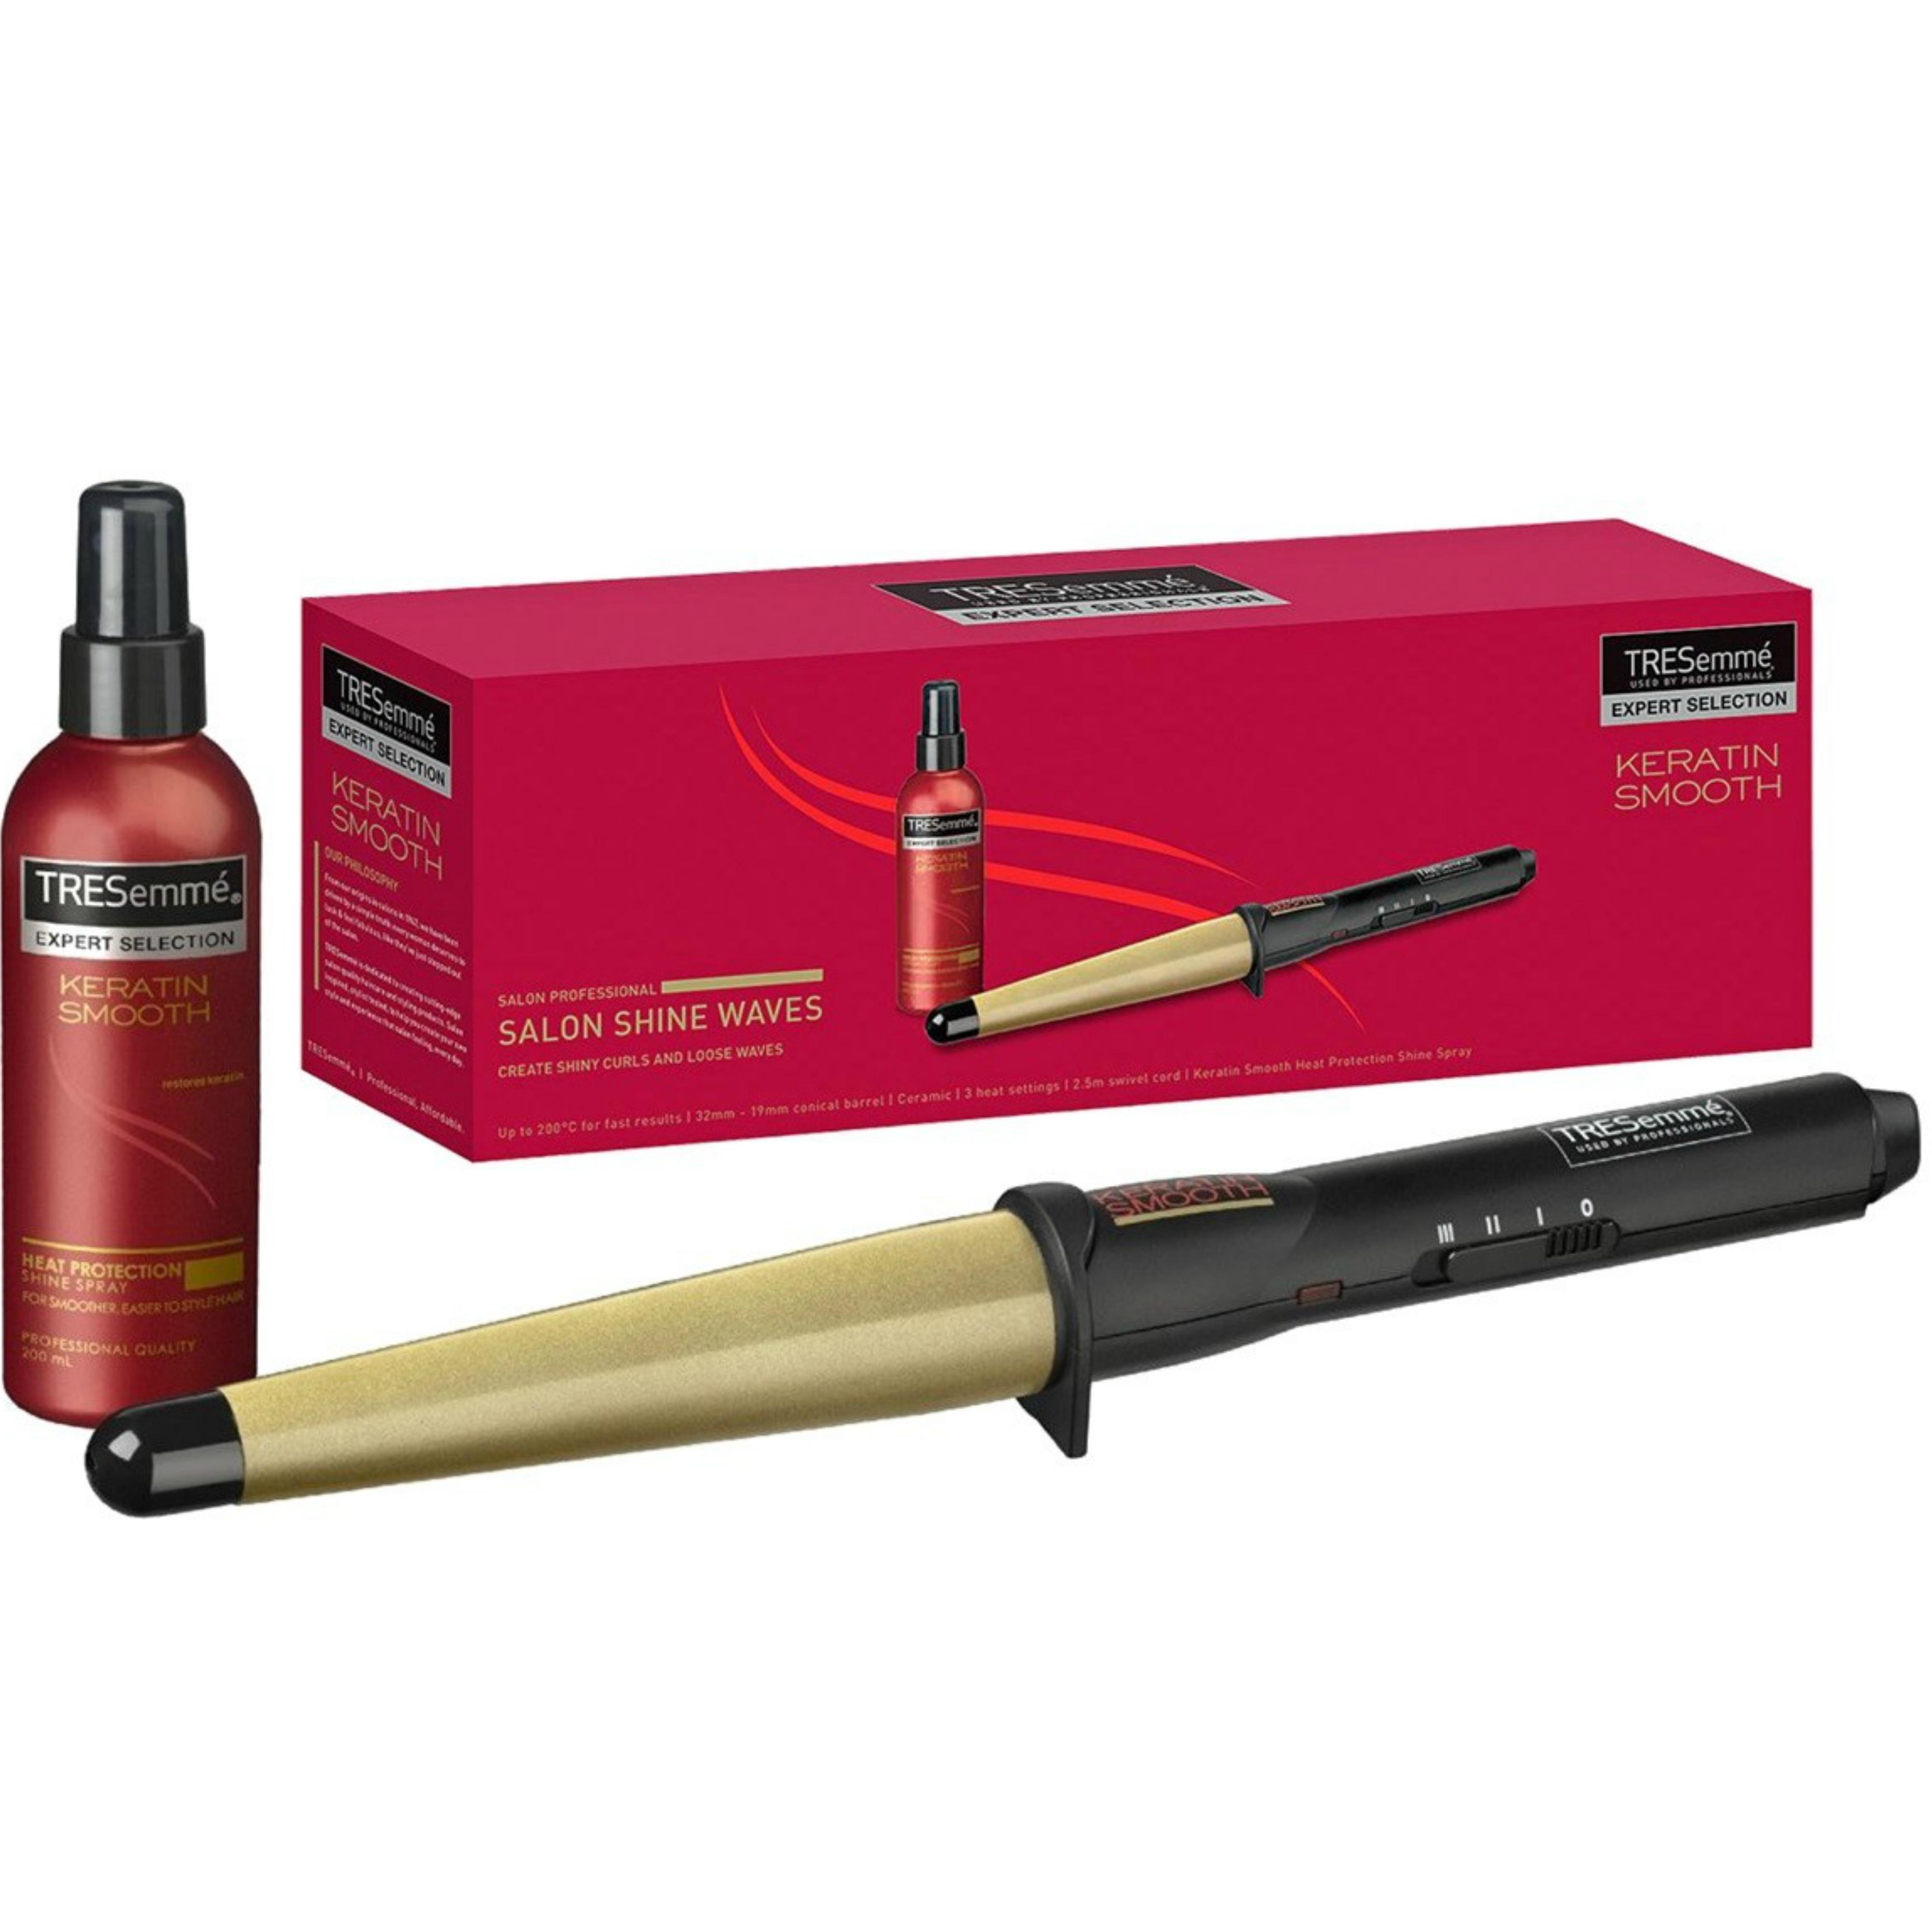 TRESemme Keratin Professional Wand Tong | Smooth Hair Curler | Shine Spray | 2804KU